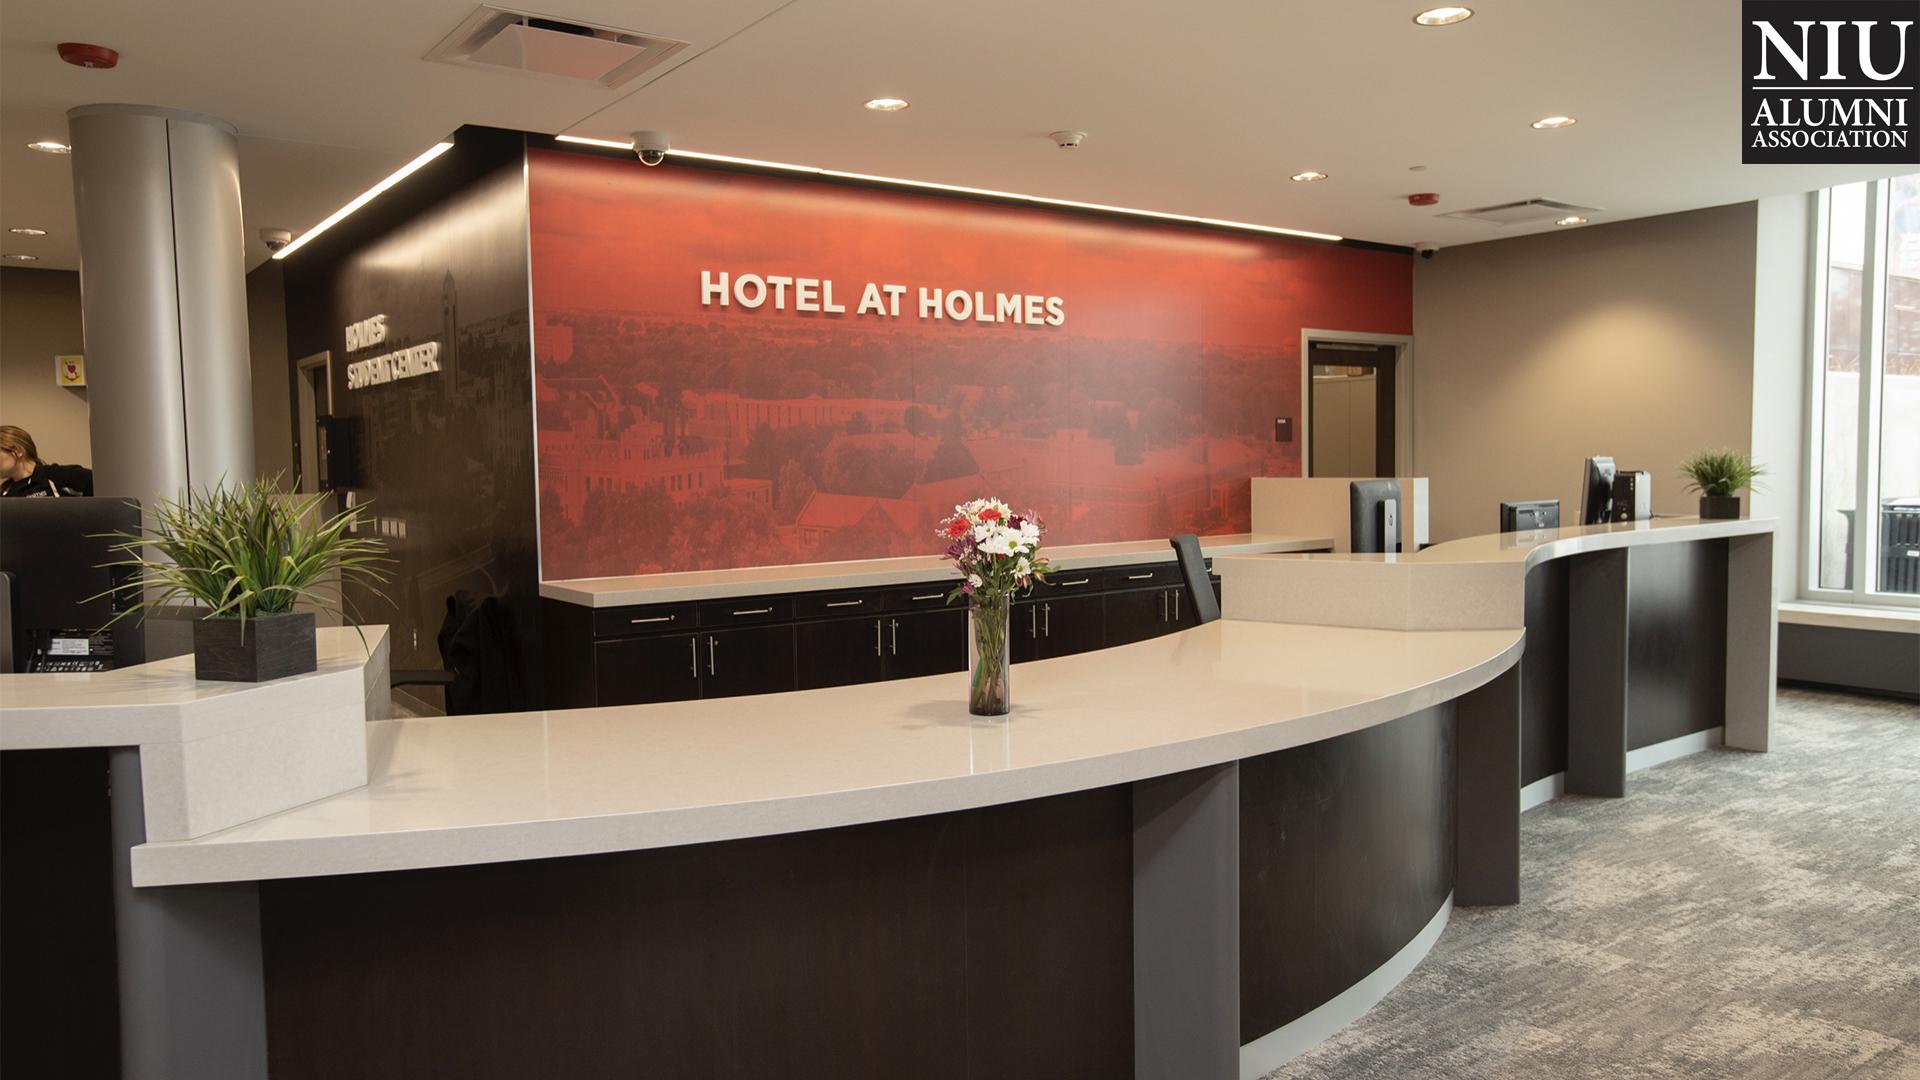 19-holmes-hotel